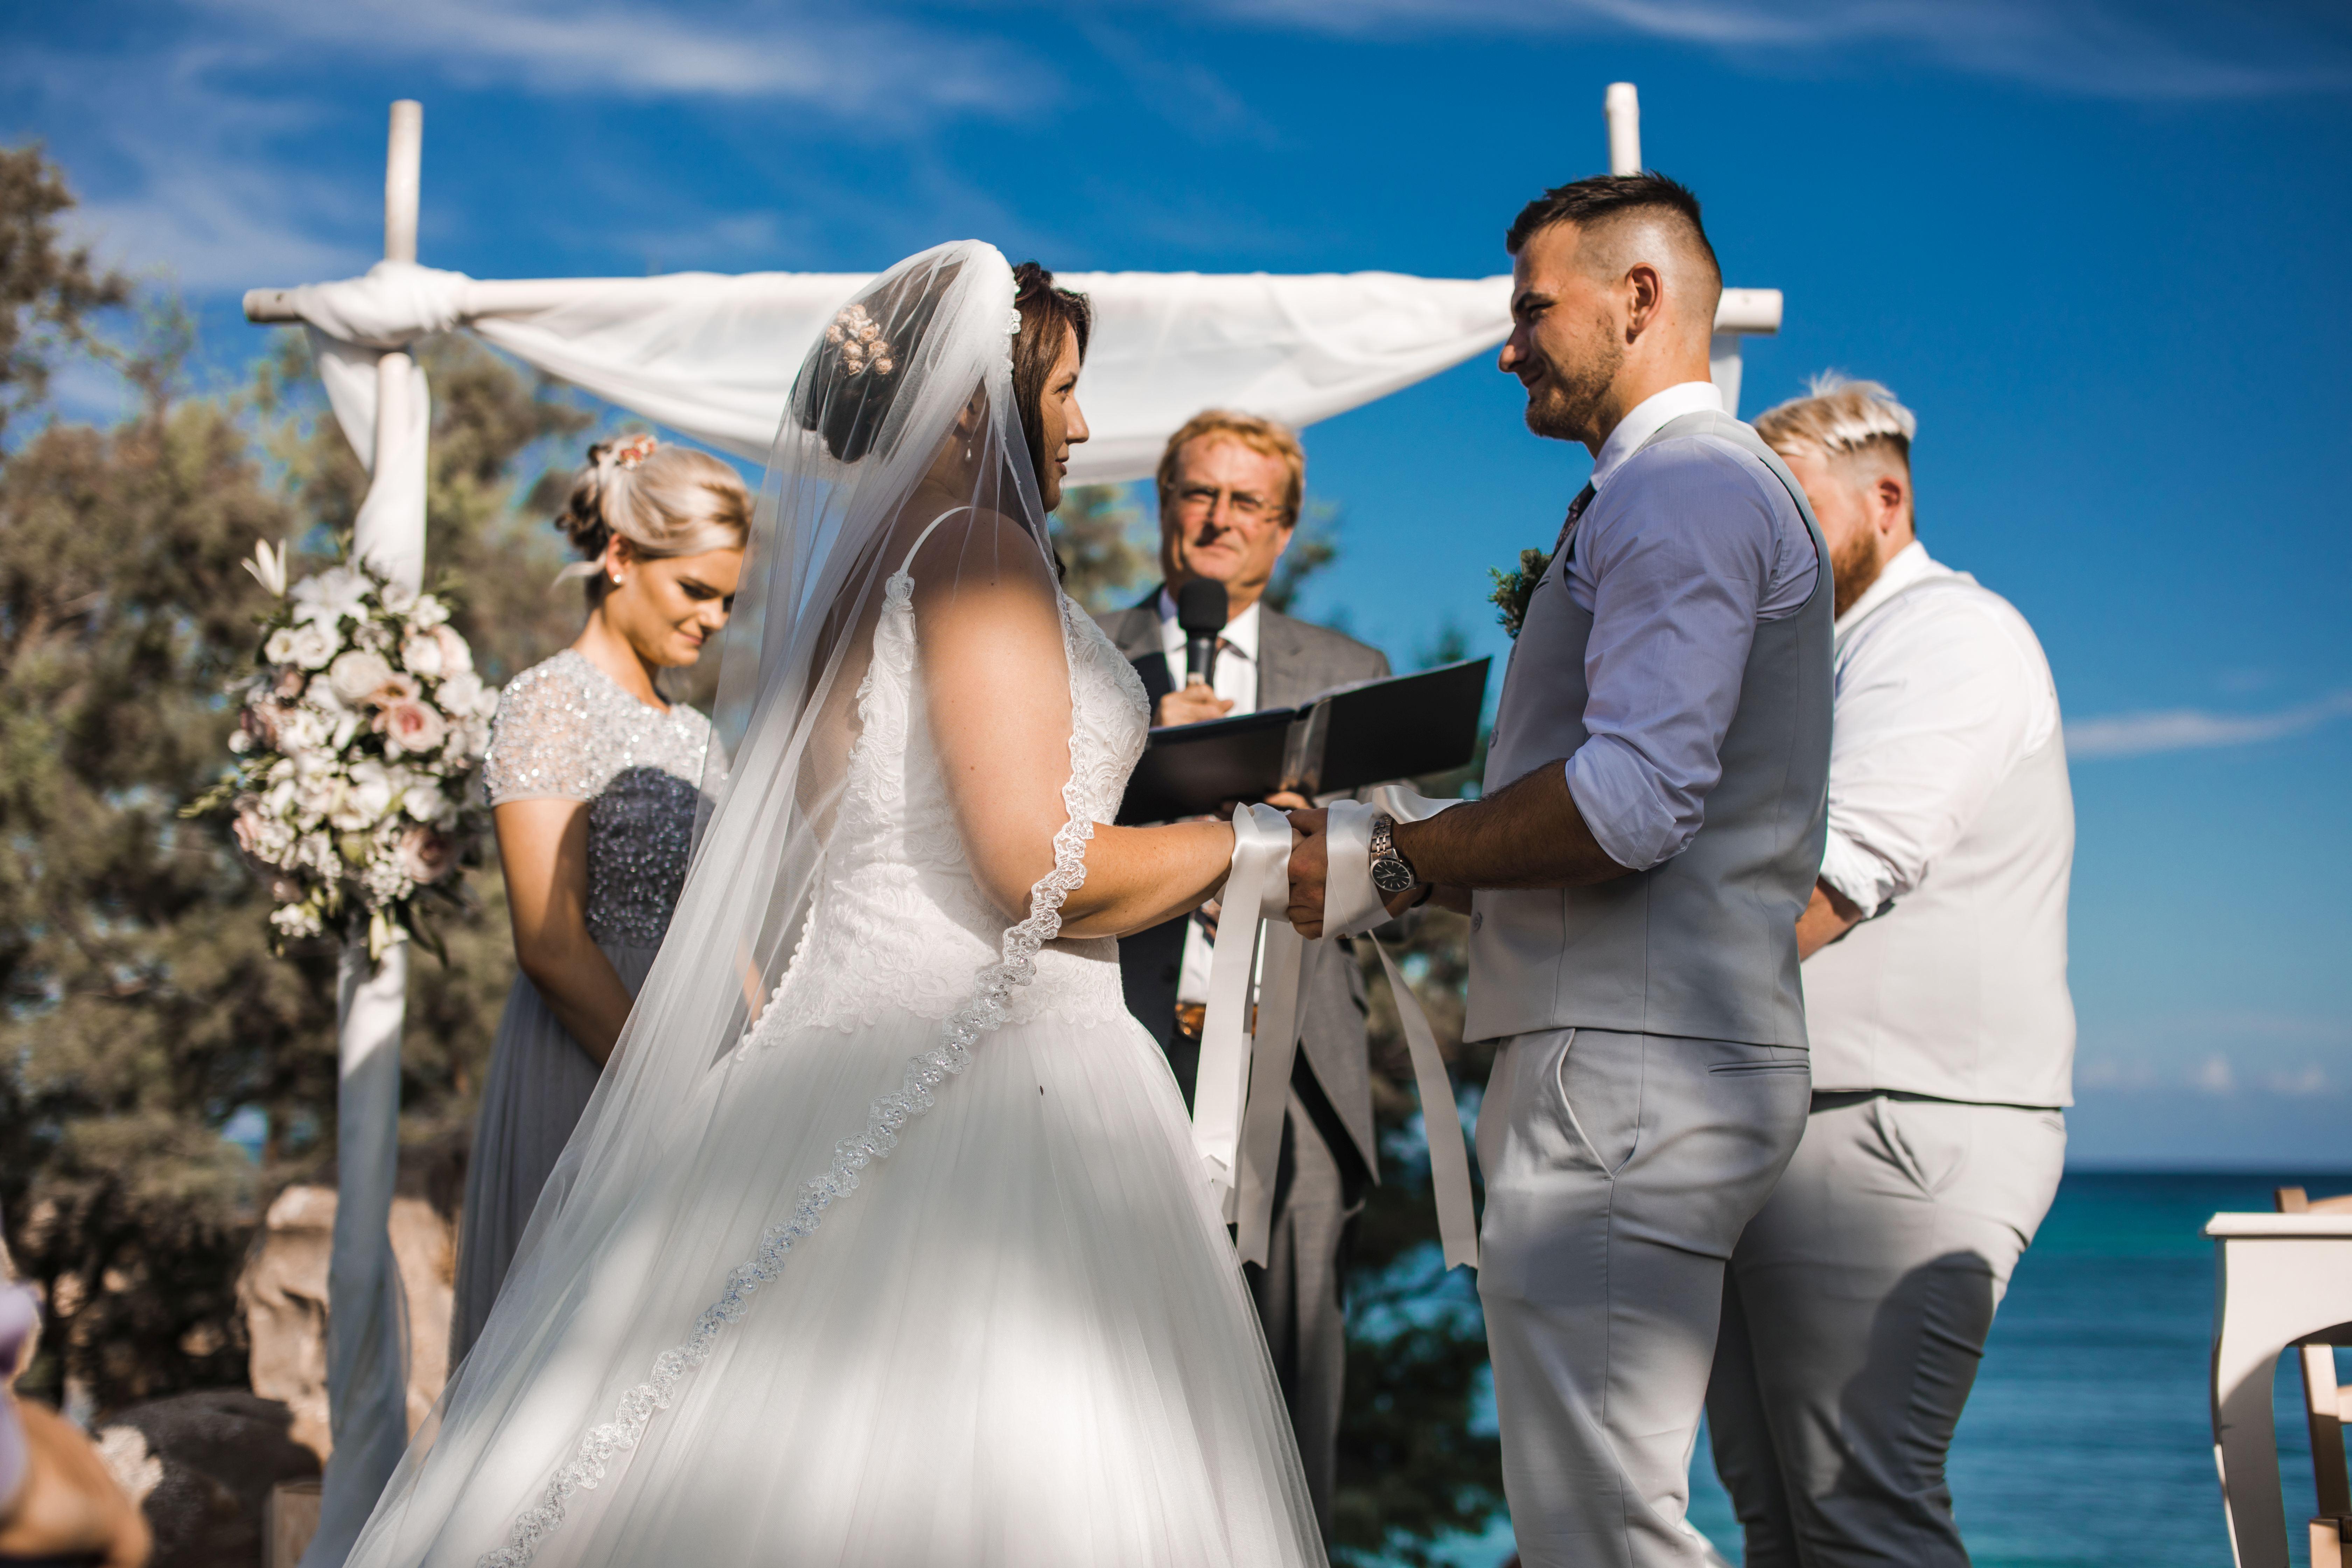 Our wedding celebrants